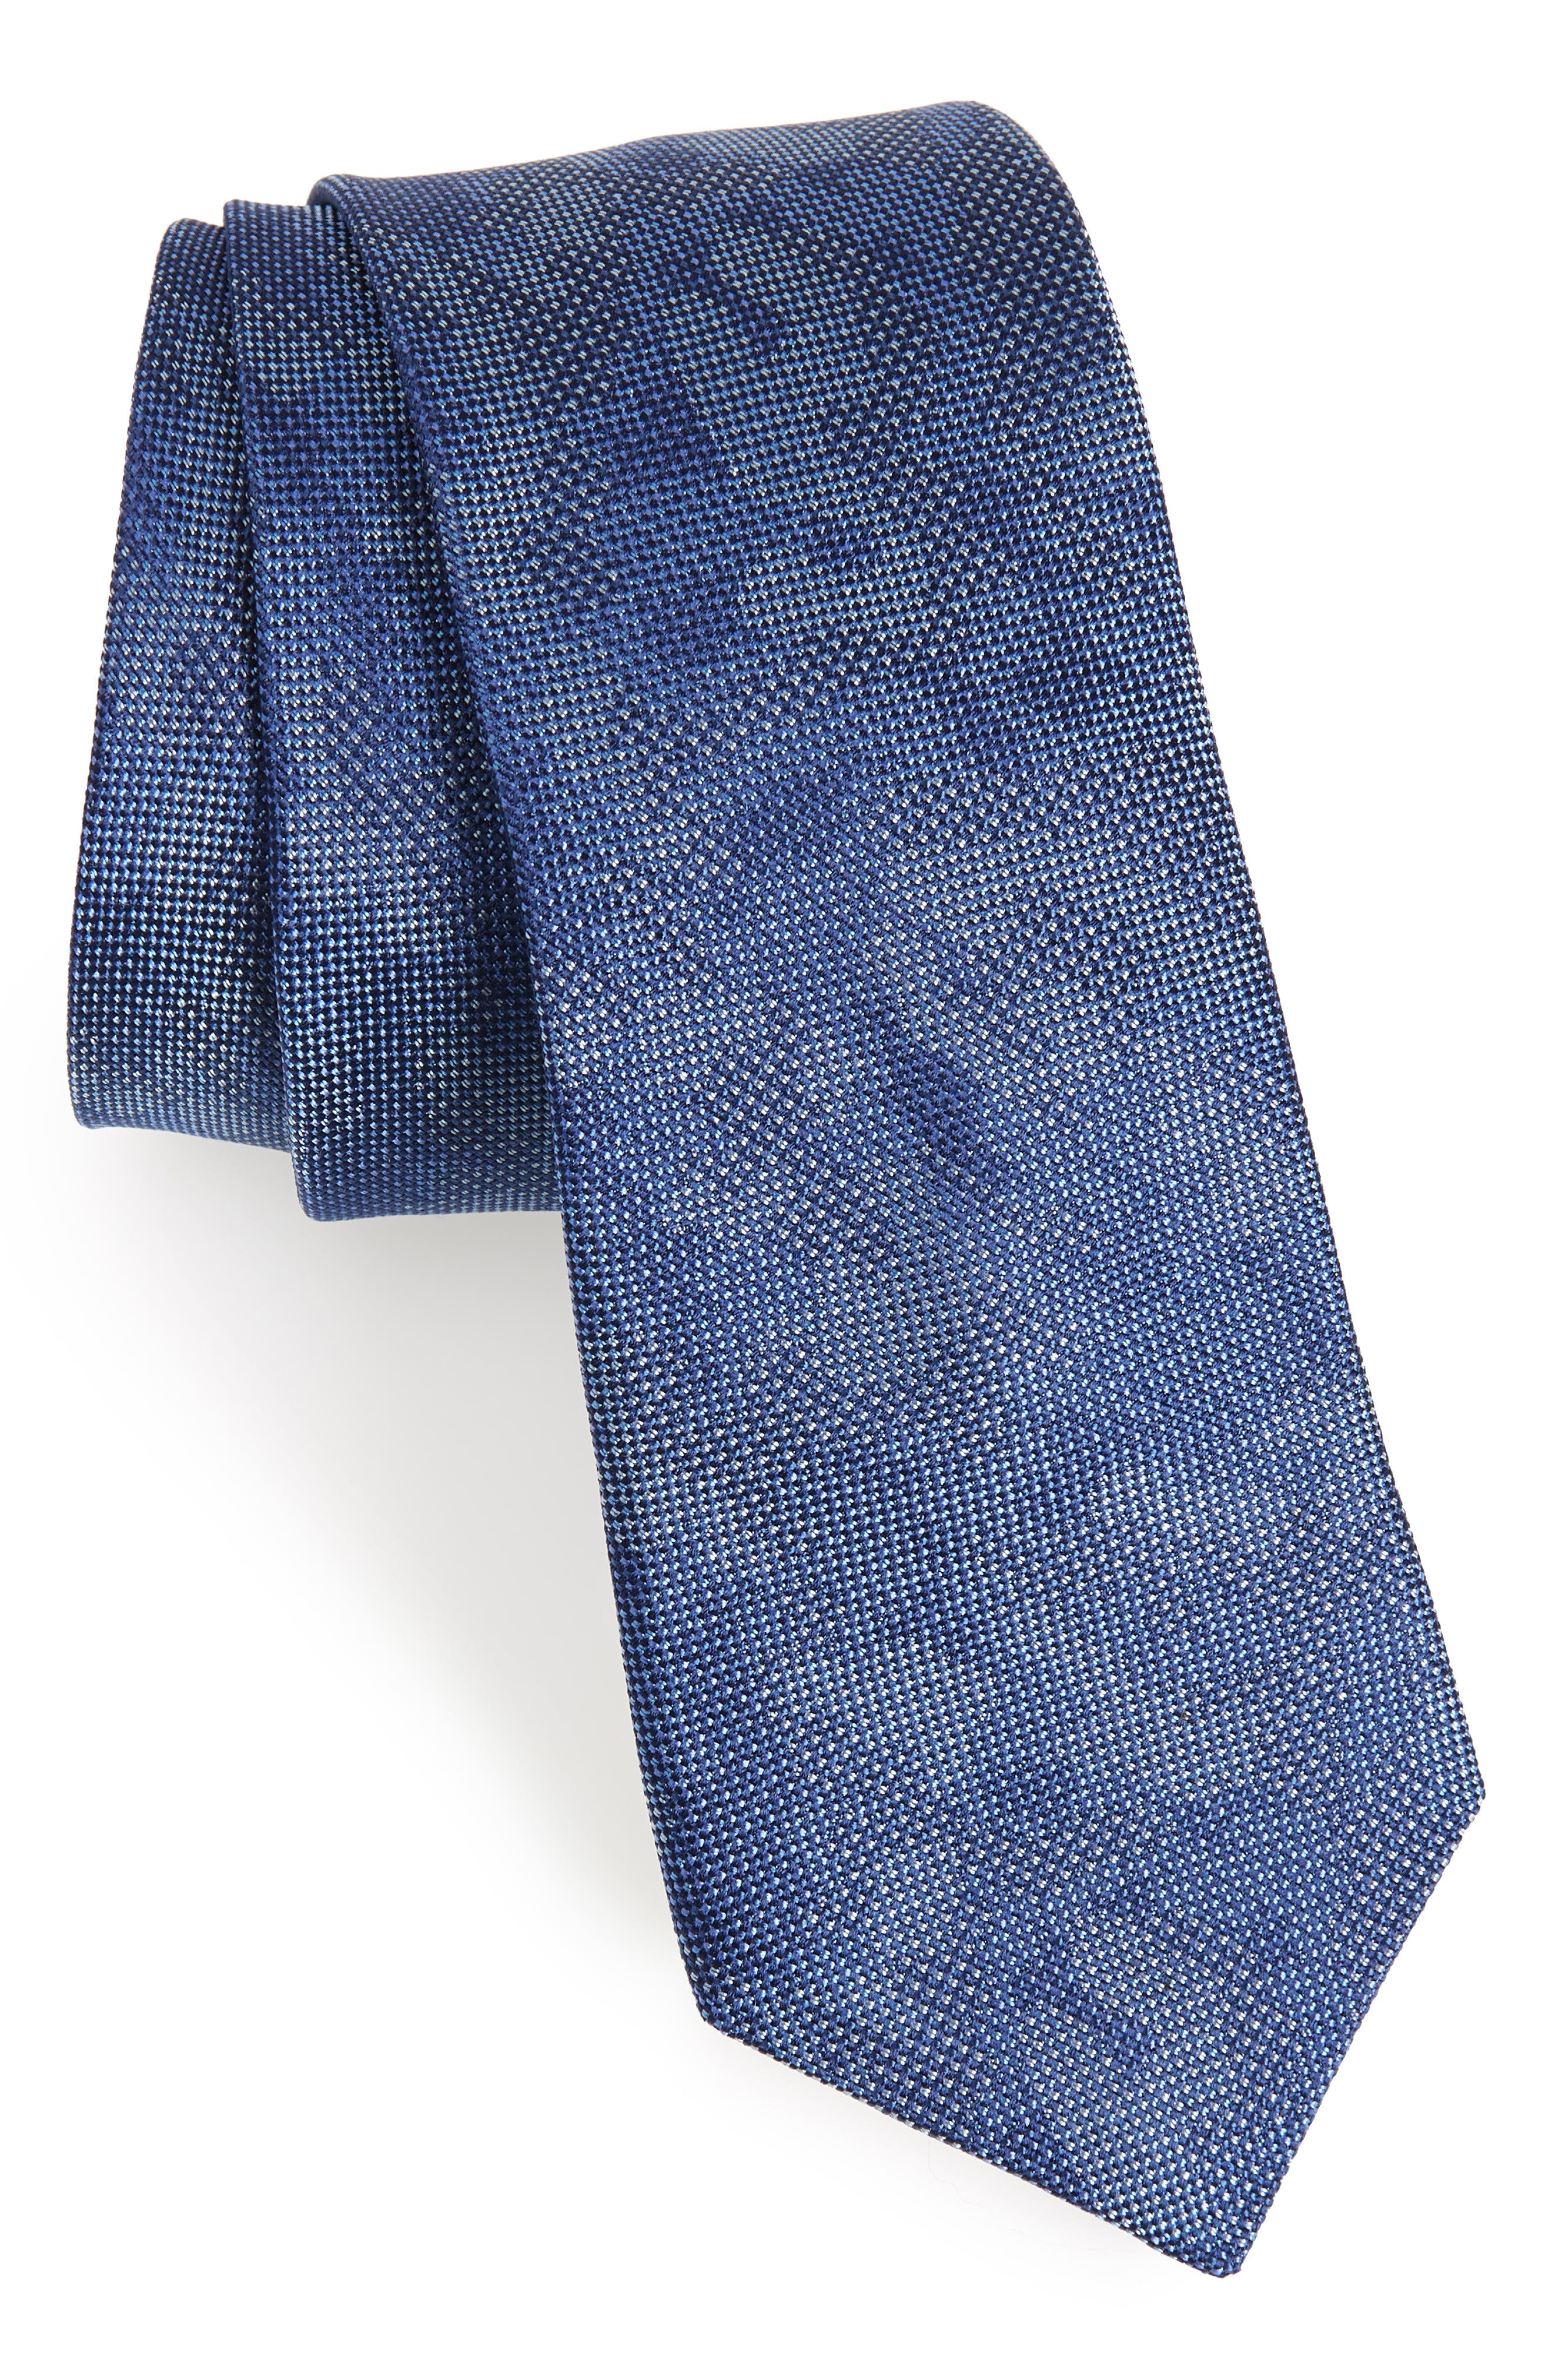 Camo Silk Tie,                             Main thumbnail 1, color,                             400